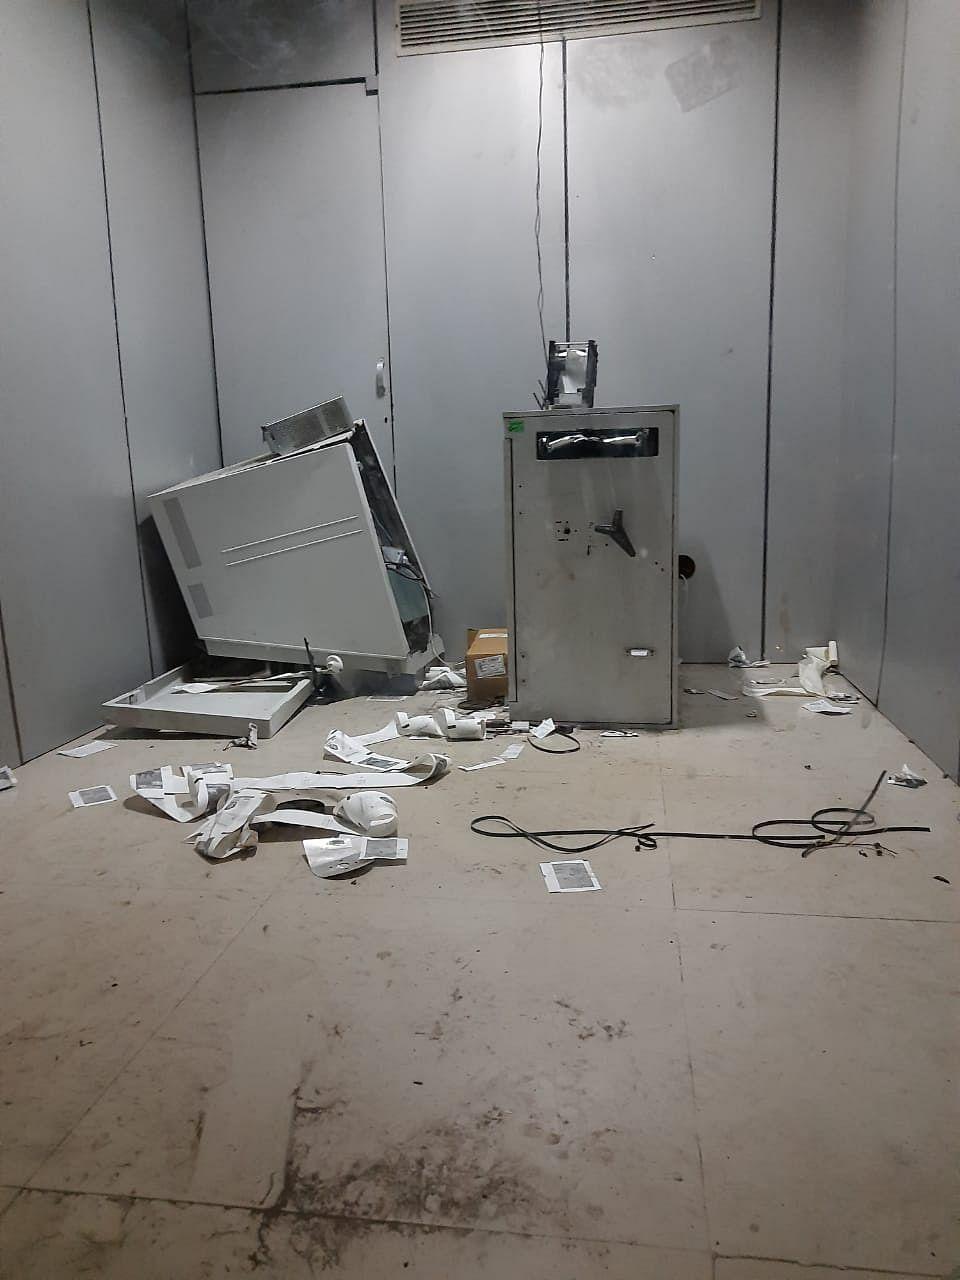 वसई में एटीएम तोड़ते हुए चोर गिरफ्तार